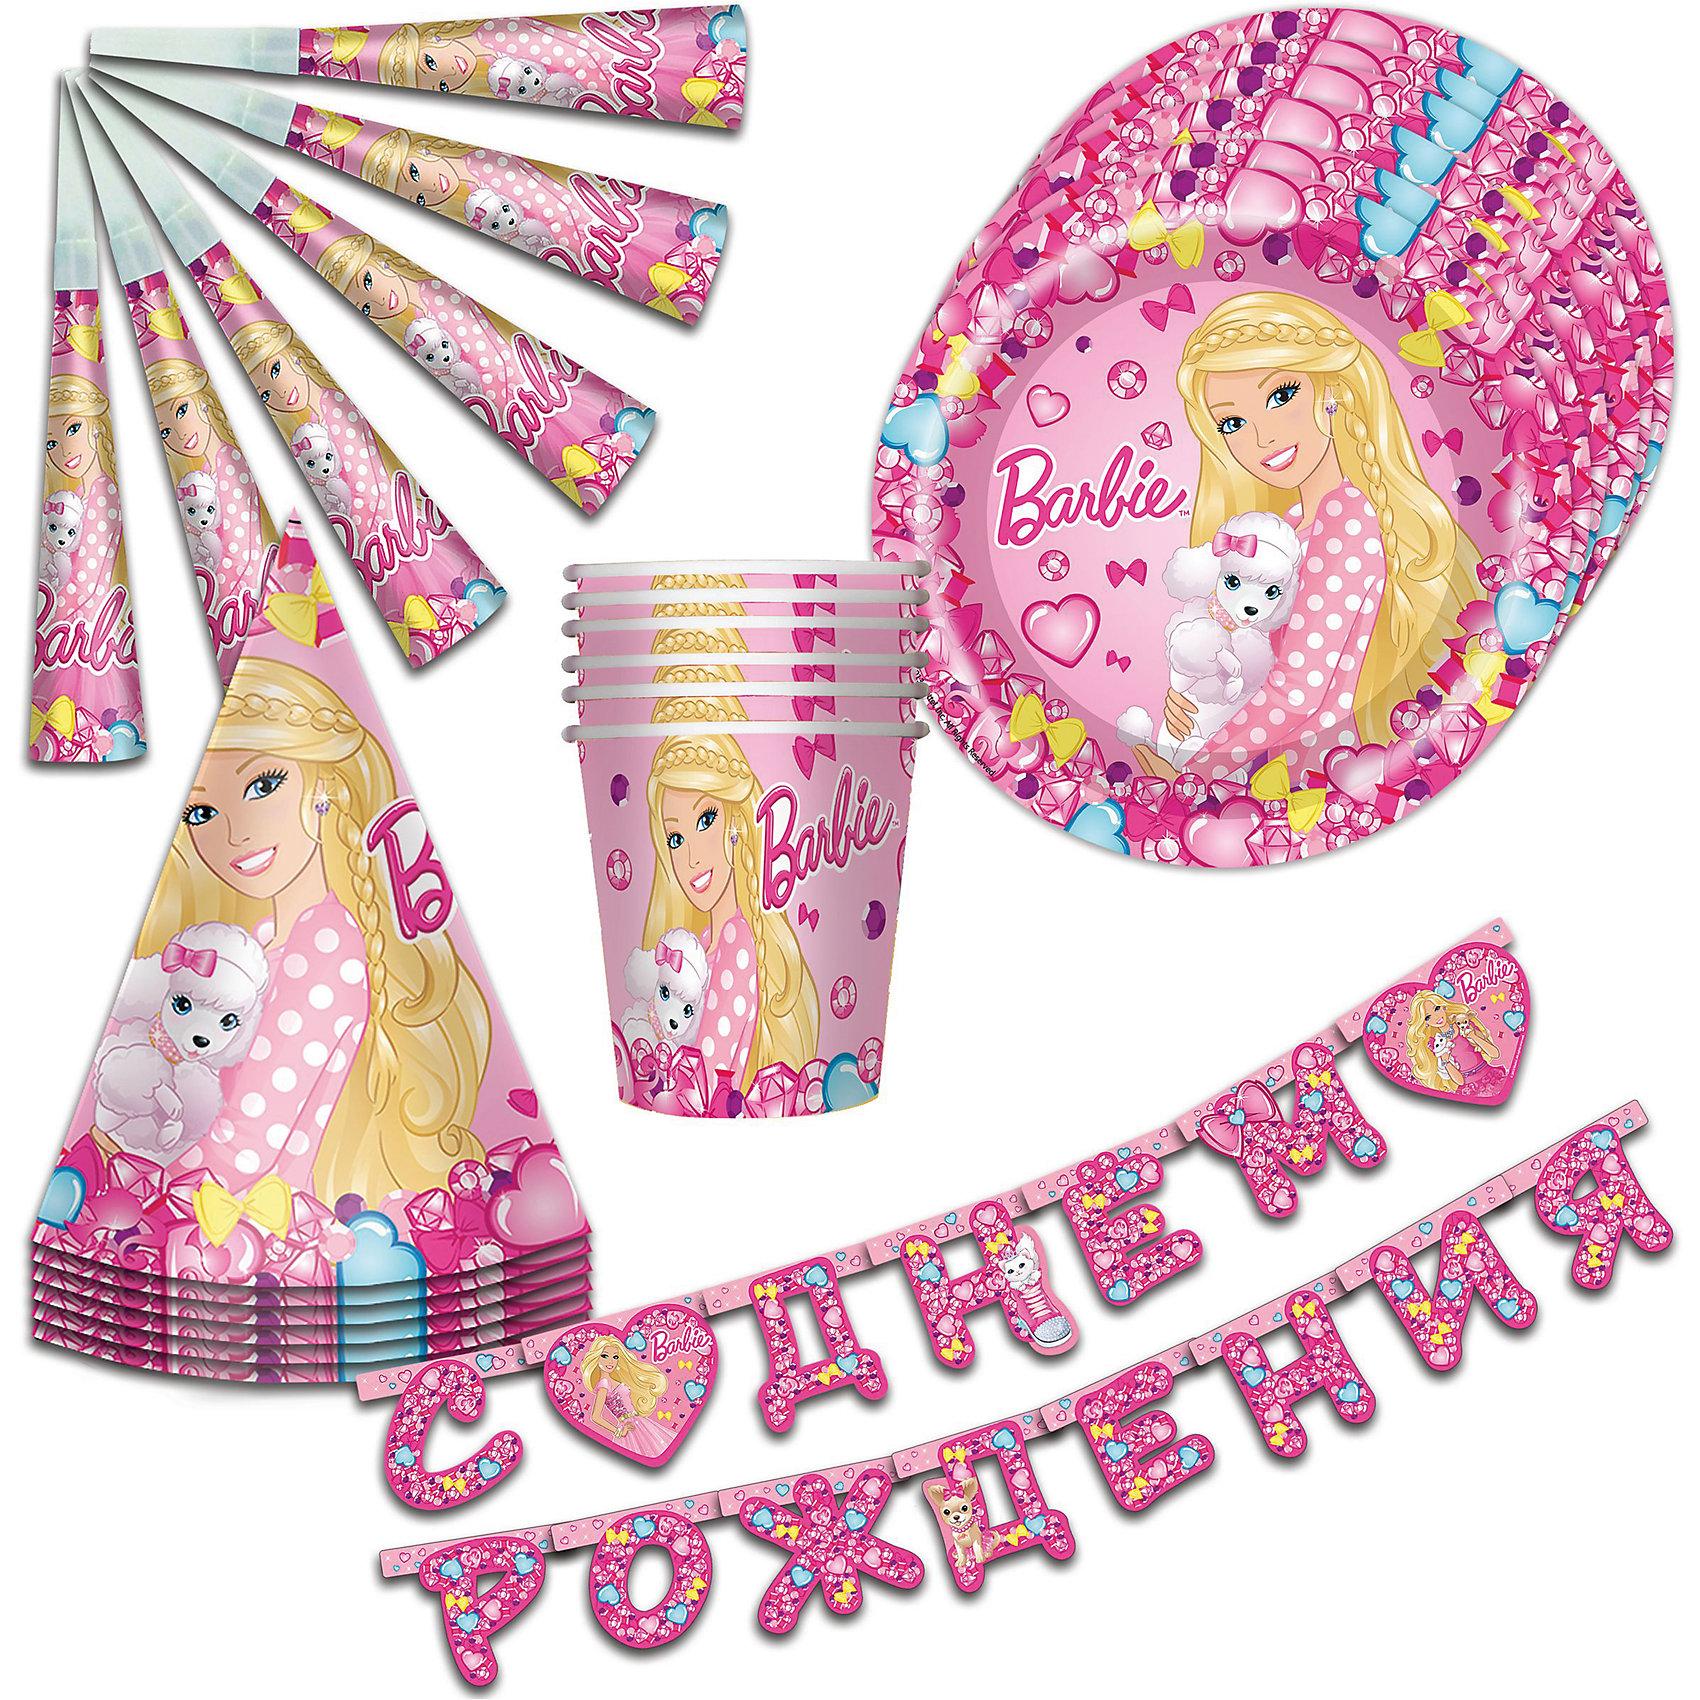 Набор посуды 25 предметов БарбиПосуда<br>С необыкновенно красивым набором «Барби» День Рождения юной принцессы станет по-настоящему незабываемым! Красочный дизайн с красавицей Барби и ее очаровательной собачкой поднимет настроение и детям, и даже взрослым. Гирлянда преобразит помещение, колпачки и дудочки помогут организовать множество увлекательных игр. А красивая посуда ярко украсит стол и принесет практическую пользу: бумажные одноразовые тарелки и стаканы прекрасно удерживают еду и напитки, почти невесомы, не могут разбиться, их не надо мыть.&#13;<br>В наборе 25 предметов на 6 персон: 6 тарелок диаметром 23 см, 6 стаканов объемом 210 мл, 6 бумажных колпачков на резинках, 6 бумажных дудочек, 1 бумажная гирлянда с надписью «С Днем Рождения» длиной 2,5 м (высота флажков: 15 см). Вы также можете выбрать другие товары из данной серии: стаканы, тарелки, салфетки, язычки, колпаки, маски, приглашение в конверте, скатерть, маски, пакеты и др.<br><br>Ширина мм: 250<br>Глубина мм: 280<br>Высота мм: 110<br>Вес г: 368<br>Возраст от месяцев: 36<br>Возраст до месяцев: 108<br>Пол: Унисекс<br>Возраст: Детский<br>SKU: 5016415